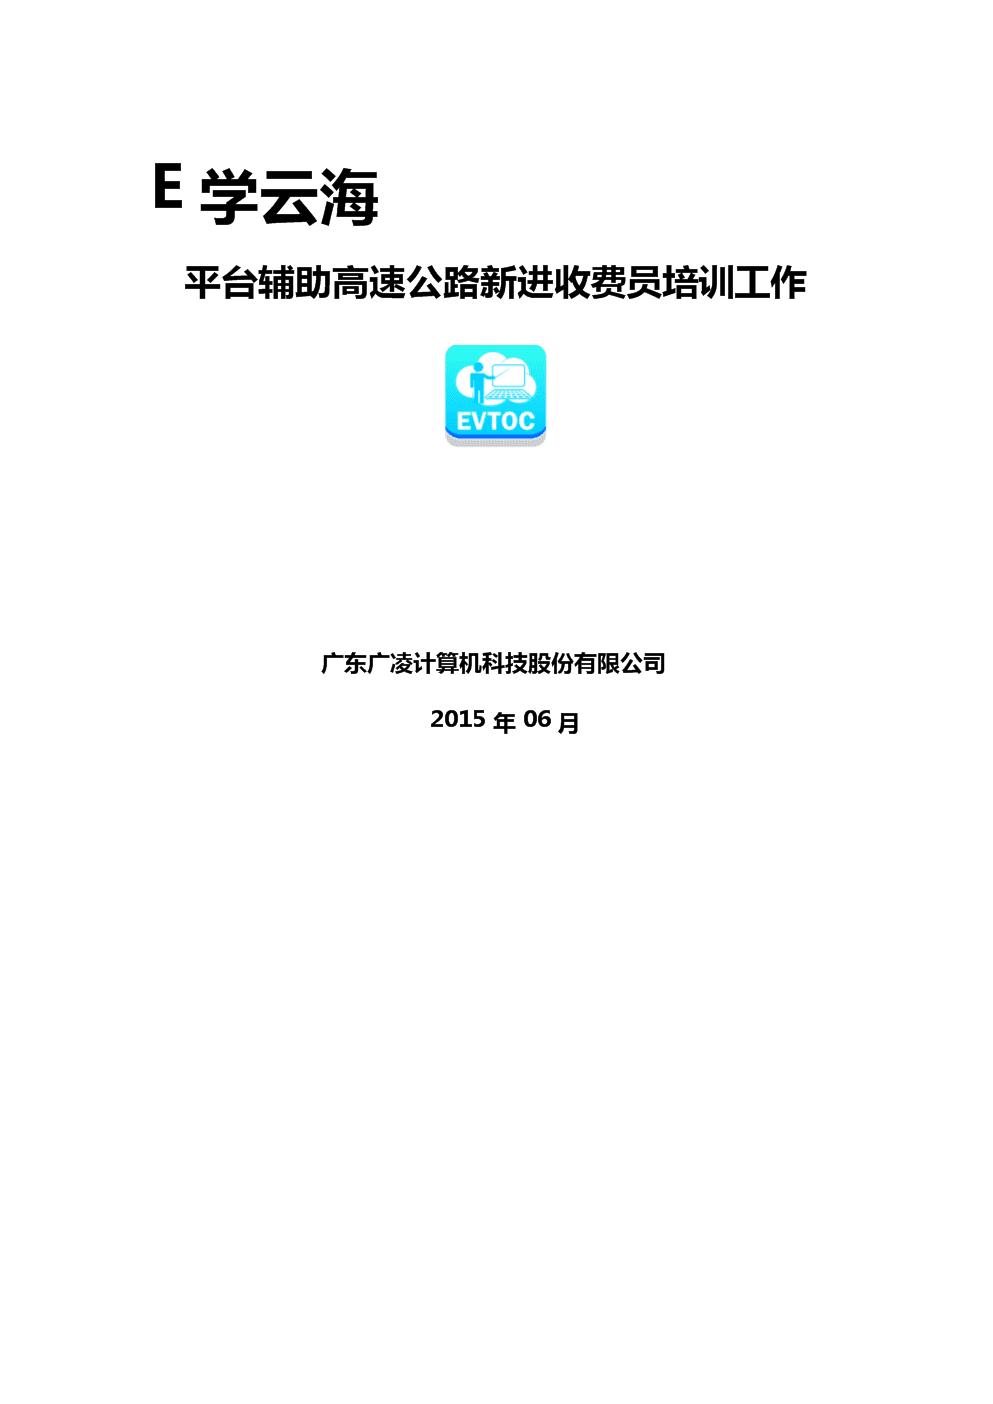 高速公路新进收费员培训方案及辅助方法.doc